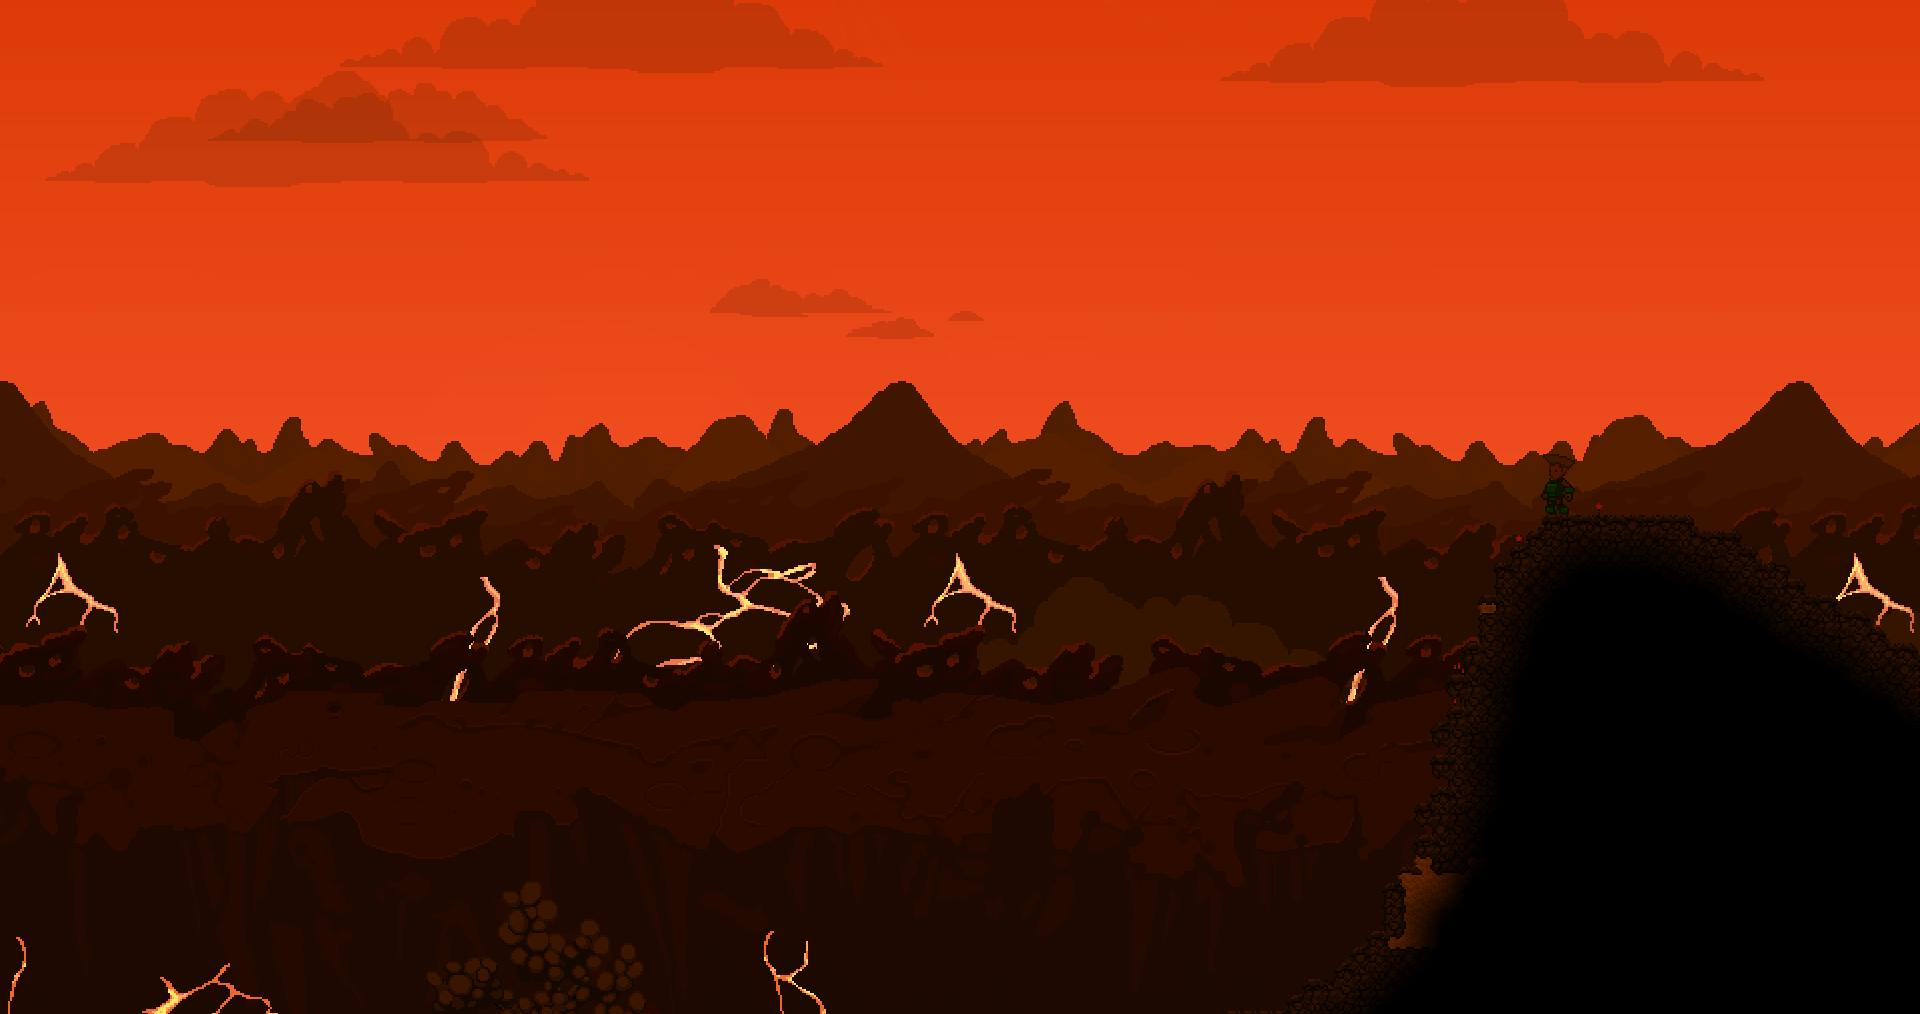 volcanosky